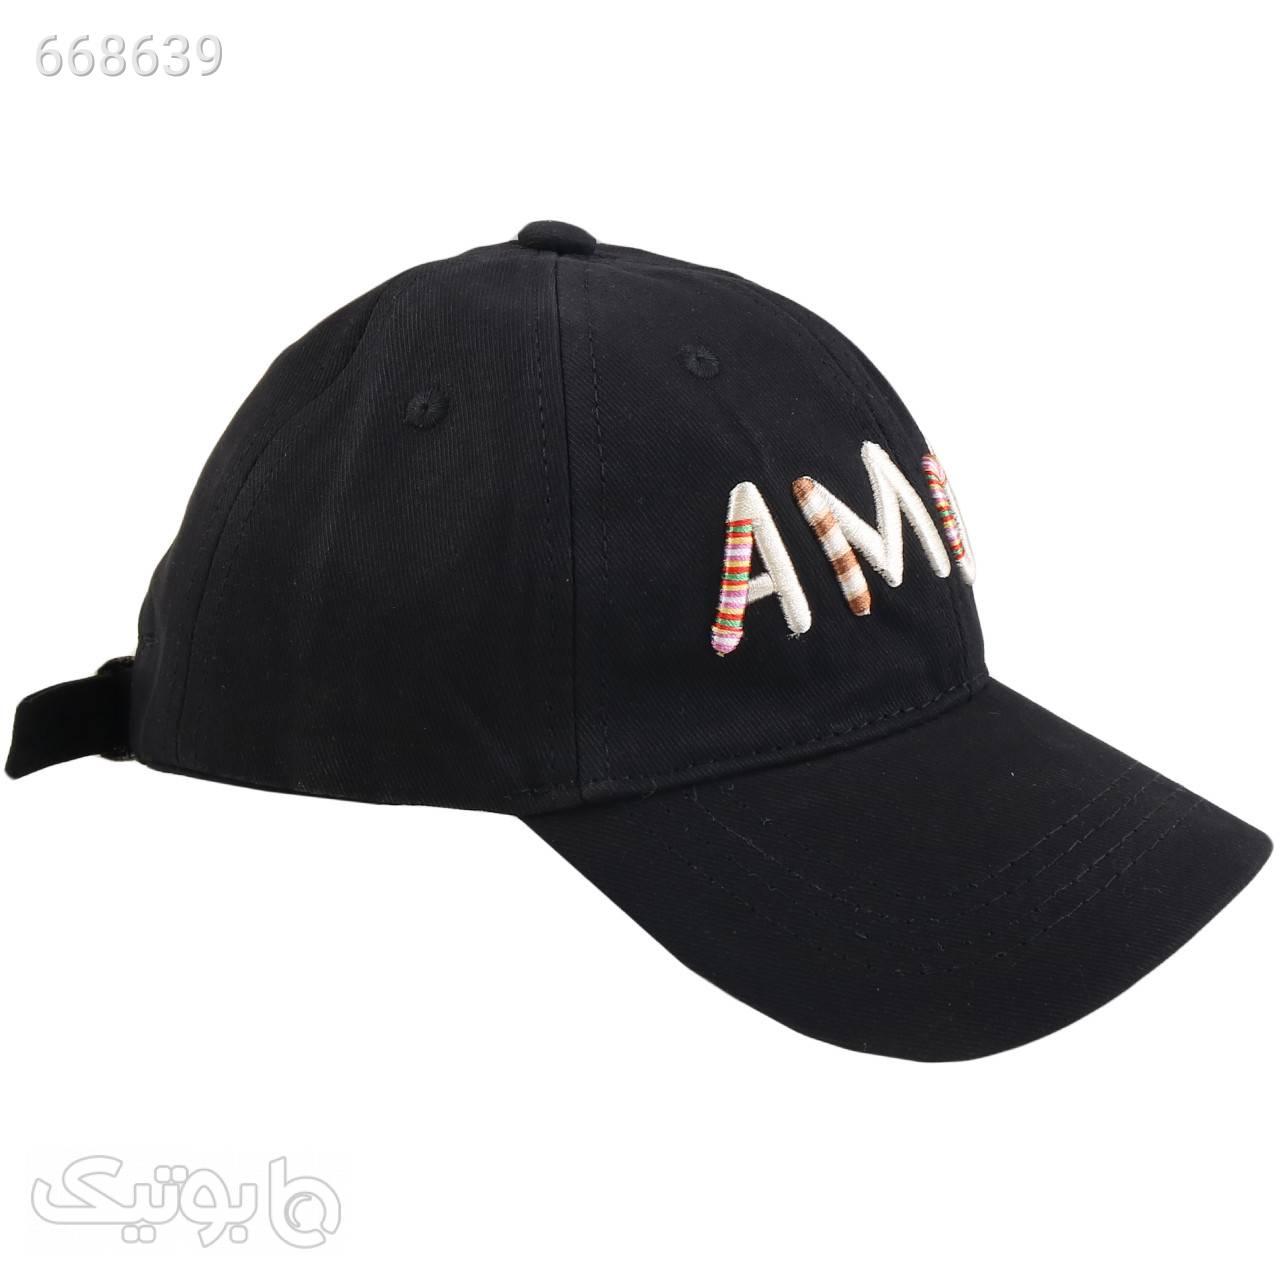 کلاه کپ آمور مدل PJ2765 مشکی کلاه و اسکارف